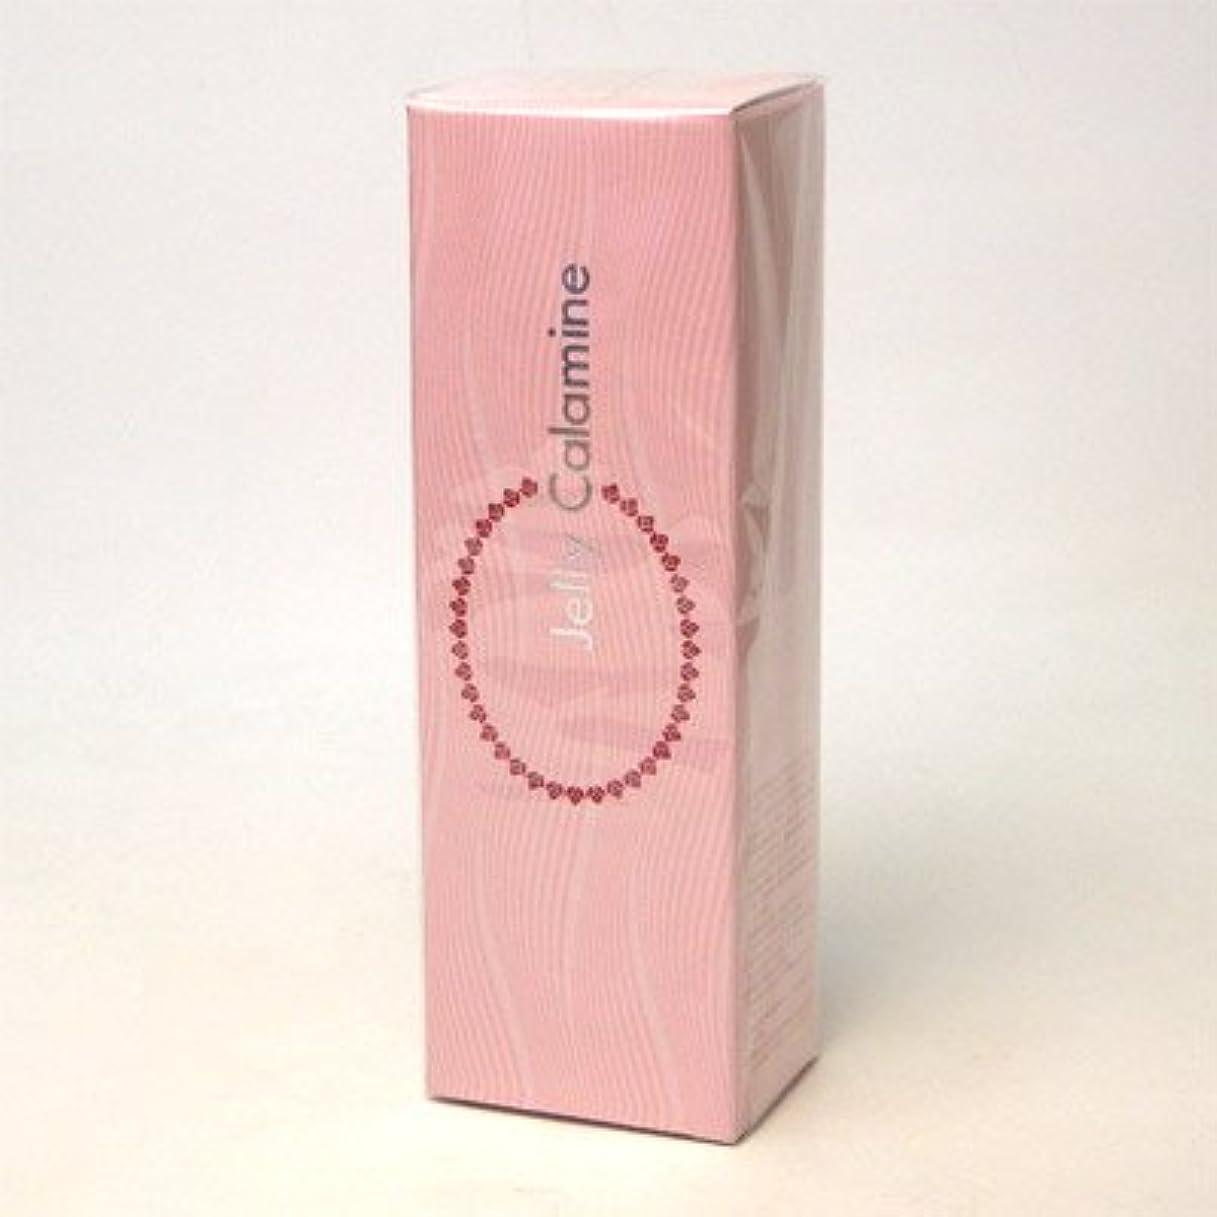 摘むり発音するジュポン化粧品 ジェリーカラミン 100g